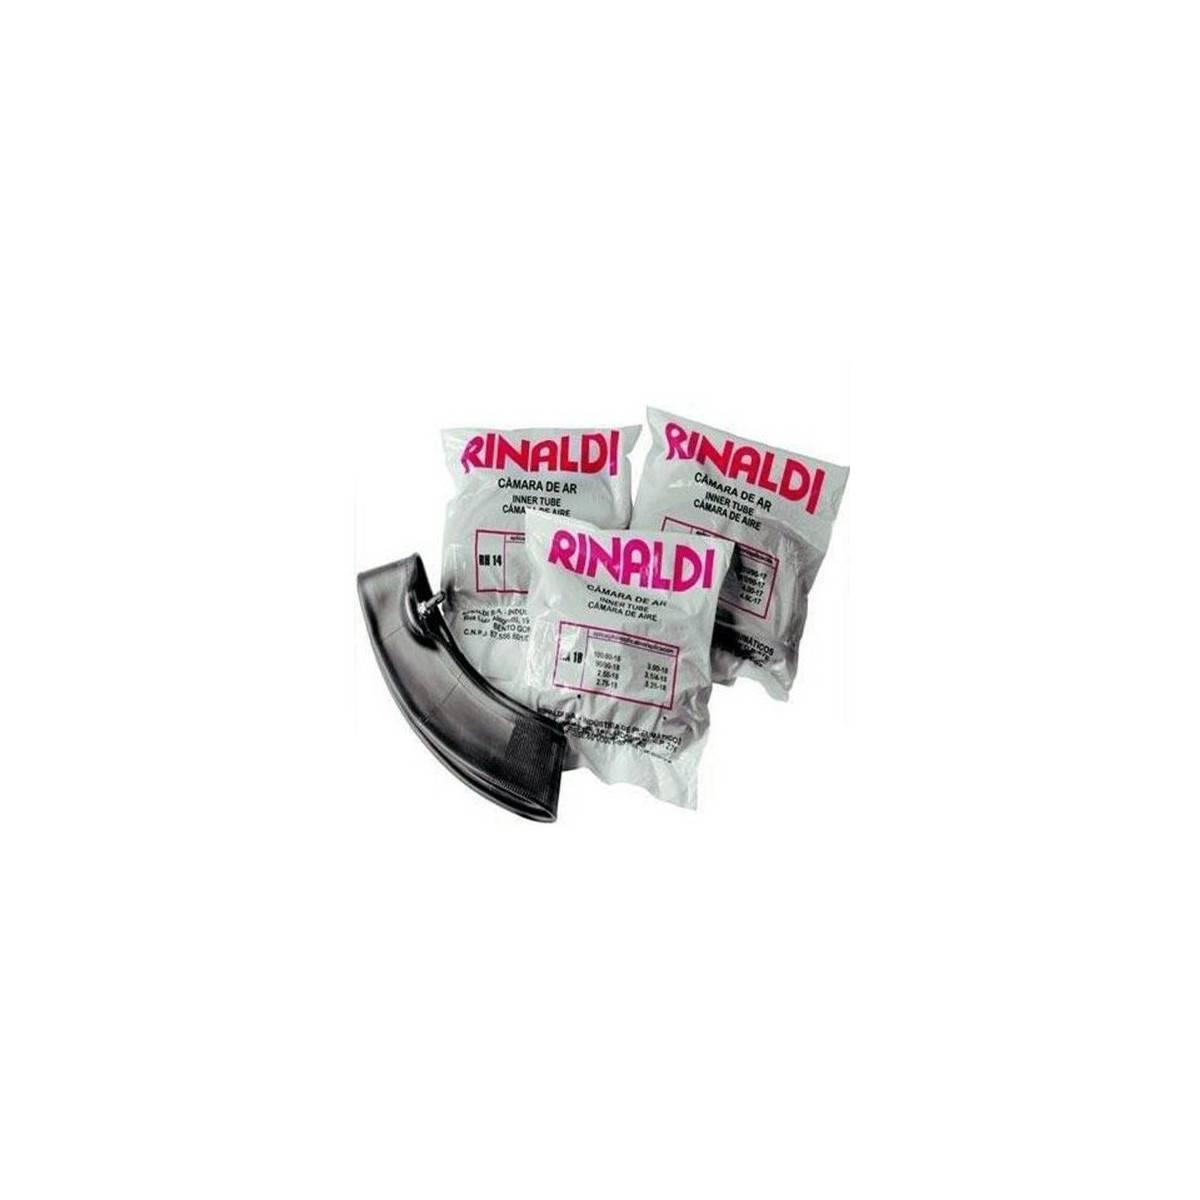 Camara rinaldi 60/100-14